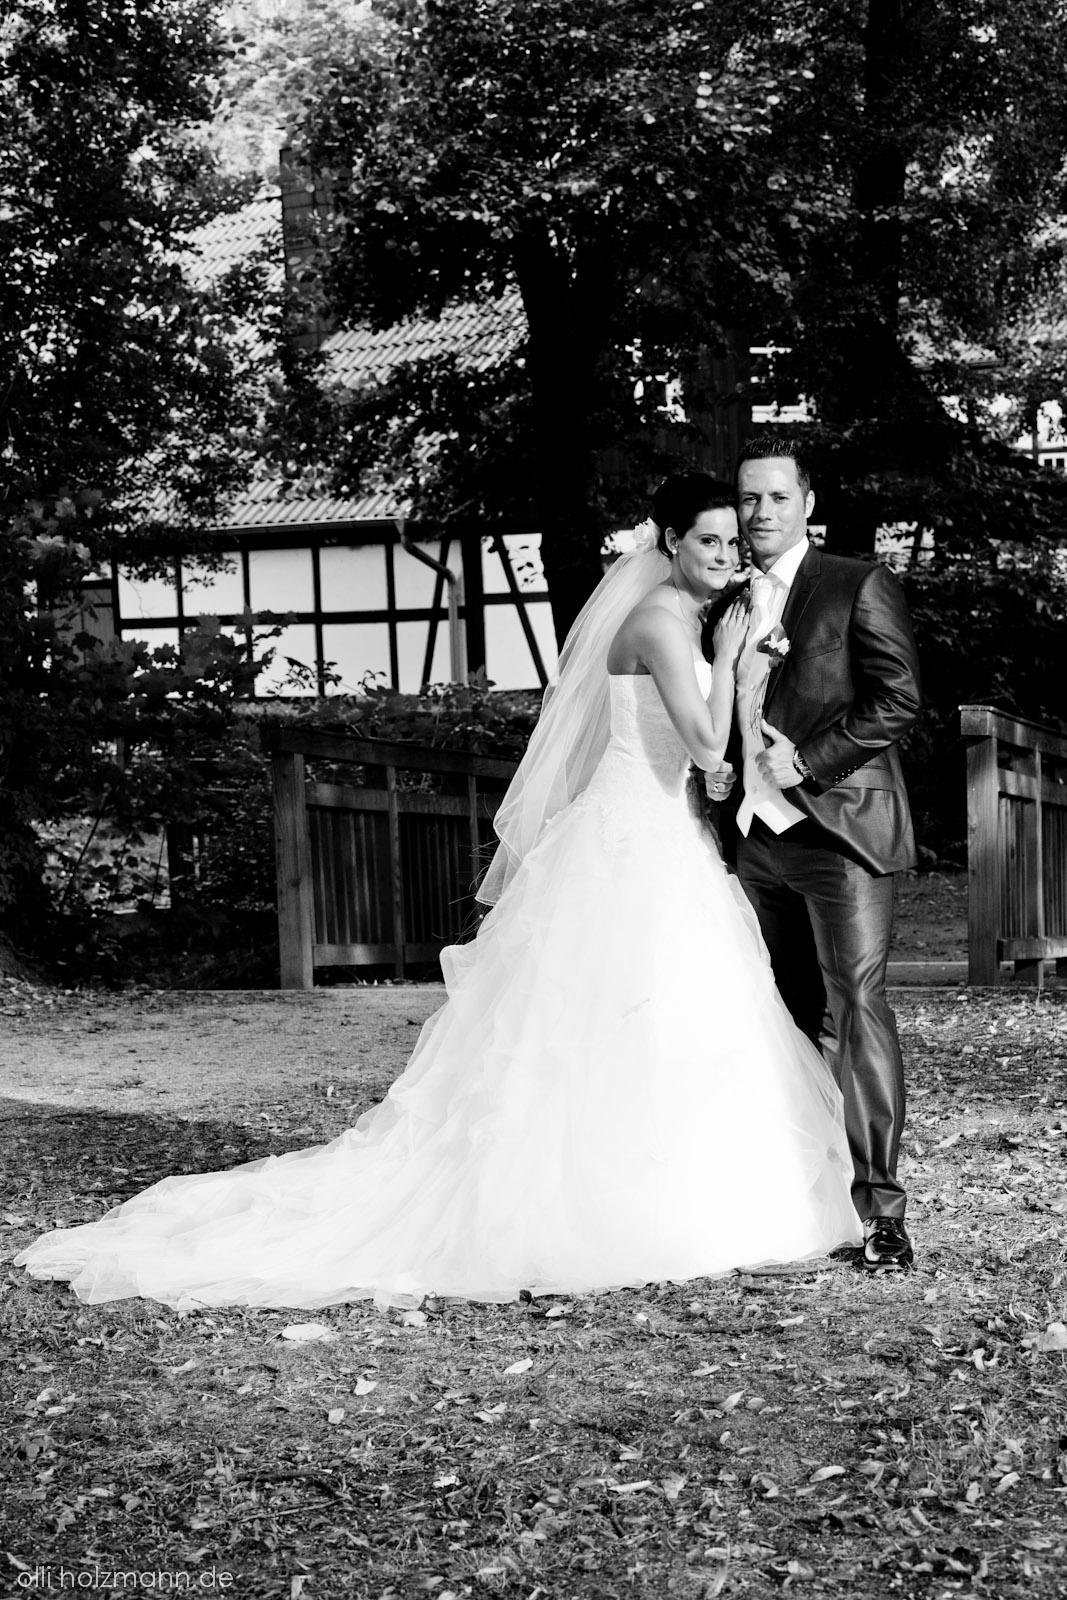 Christina und Marcos Lieblingsbild